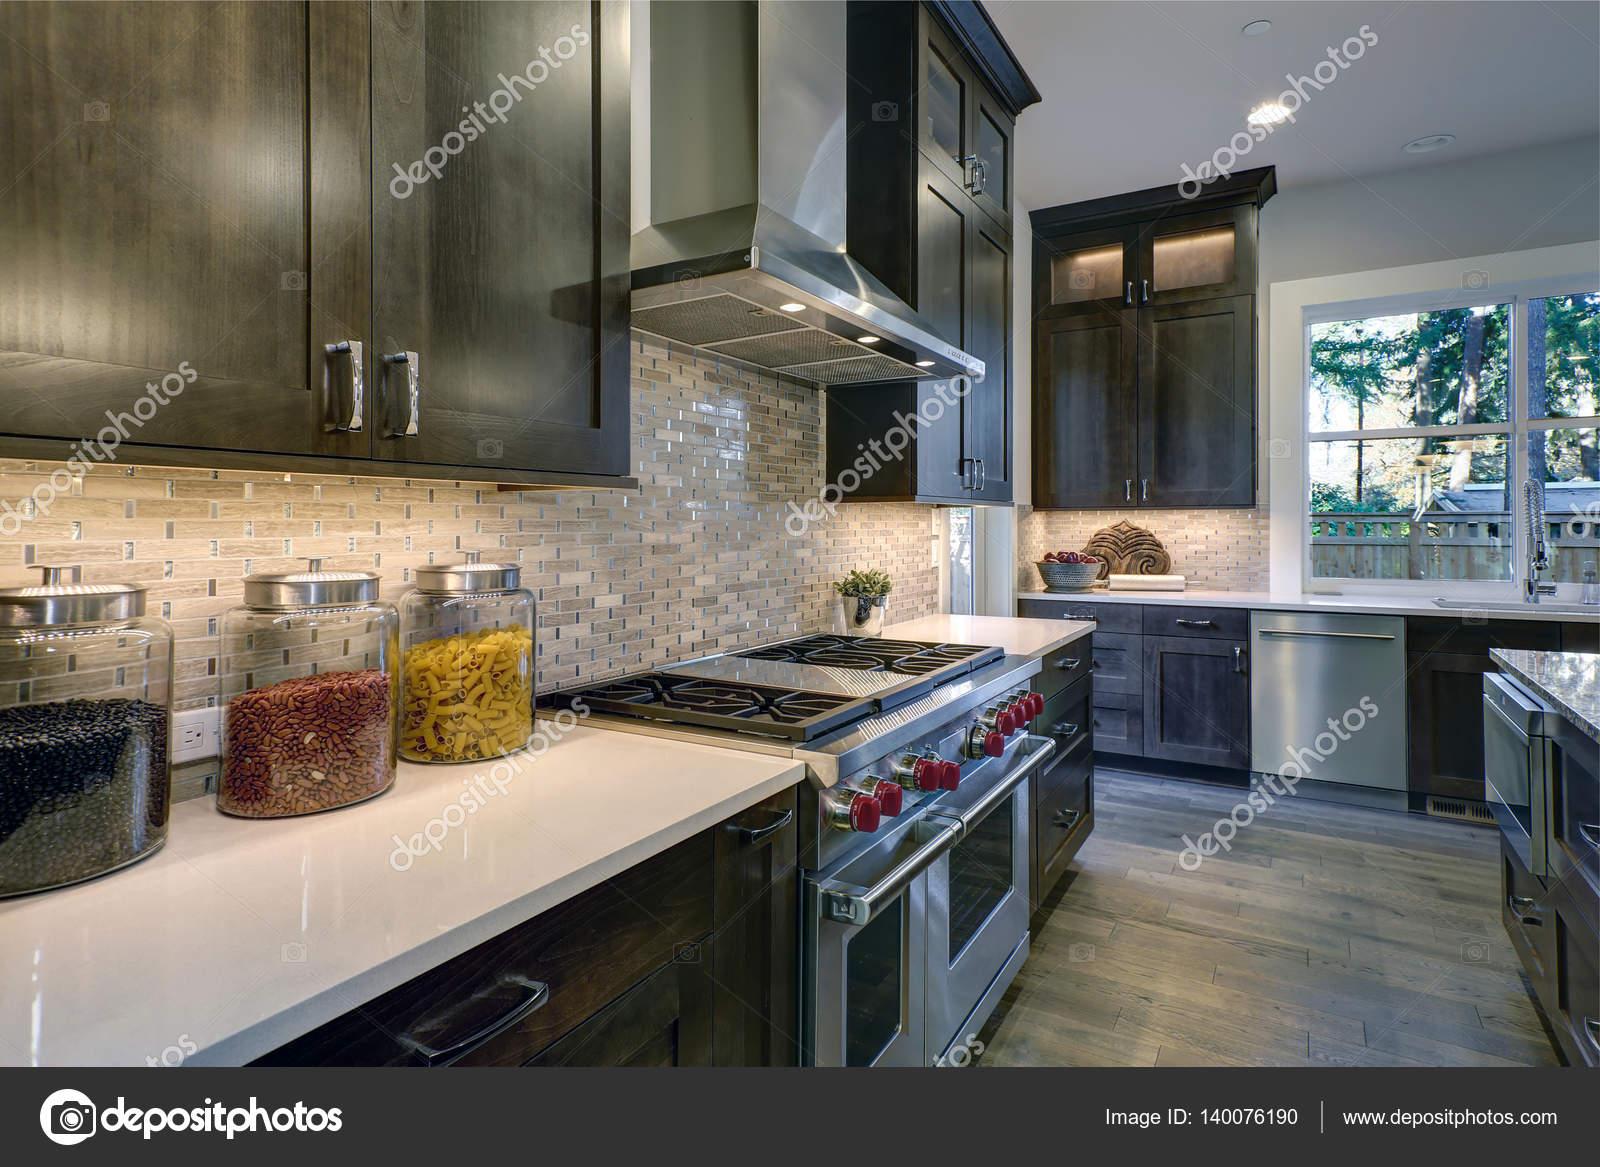 modern kitchen backsplash apron front sinks 现代厨房与棕色的厨房橱柜 图库照片 c iriana88w 140076190 现代厨房与棕色搭配白色台面的厨柜 不锈钢罩6 个燃烧器范围和米色的后挡板 西北 我们 照片作者iriana88w